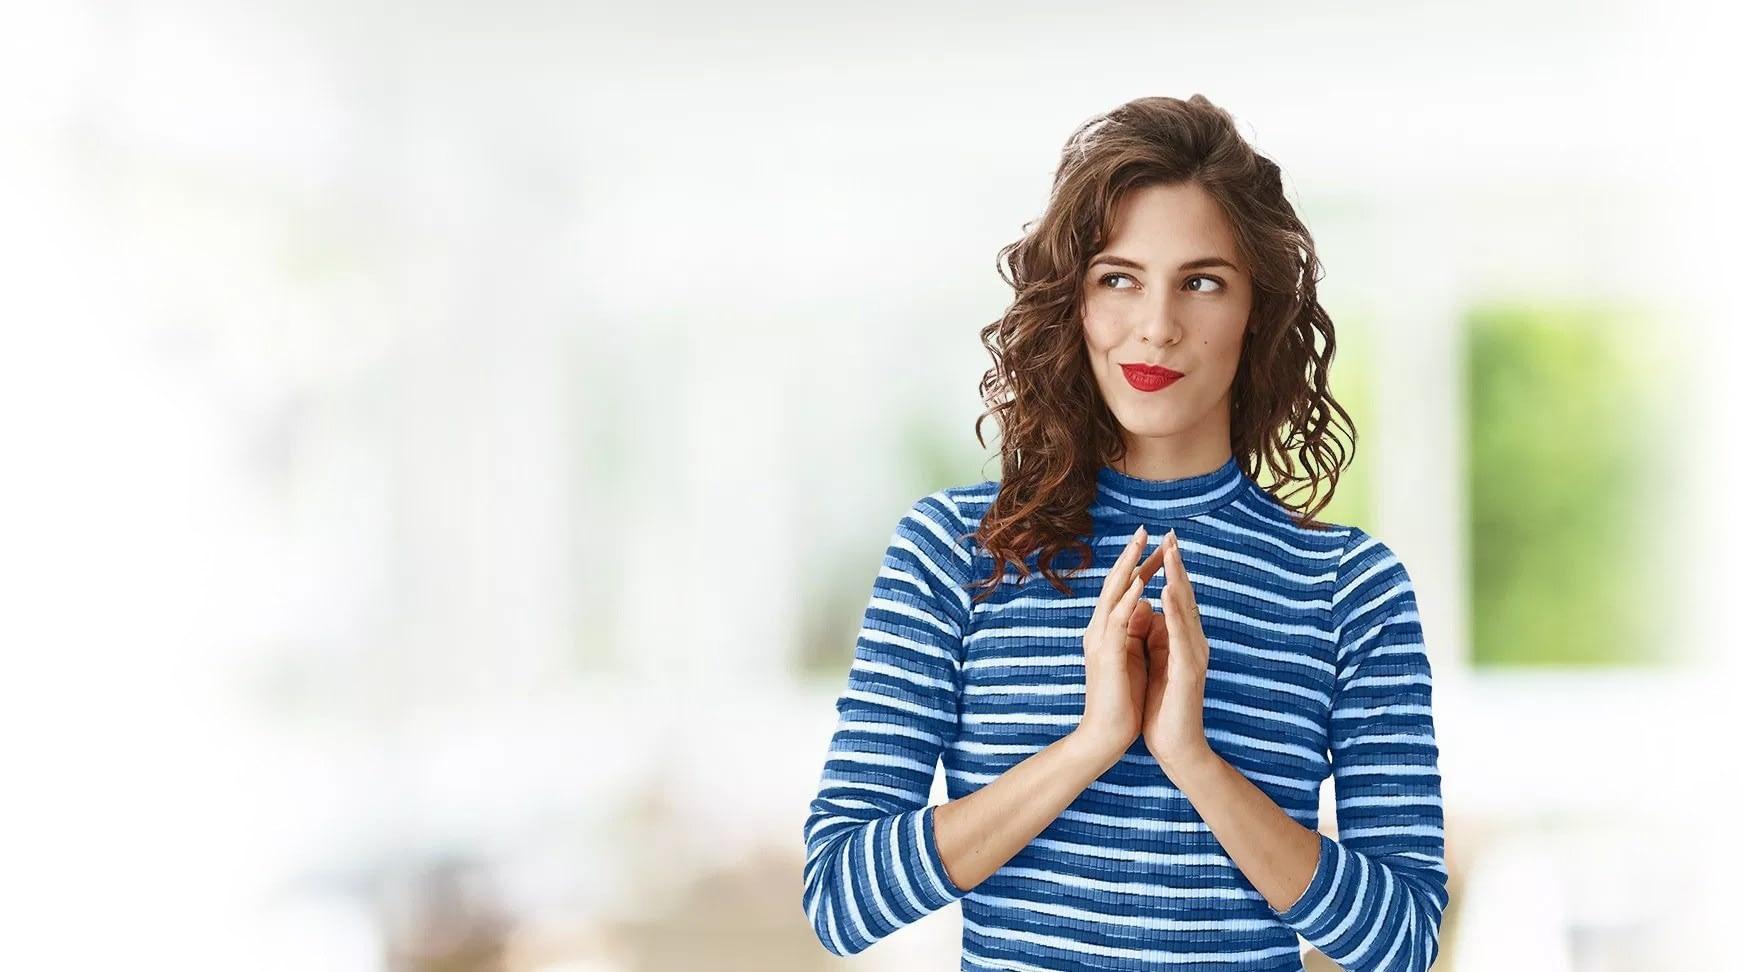 Attraktive Frau auf hellen Hintergrund